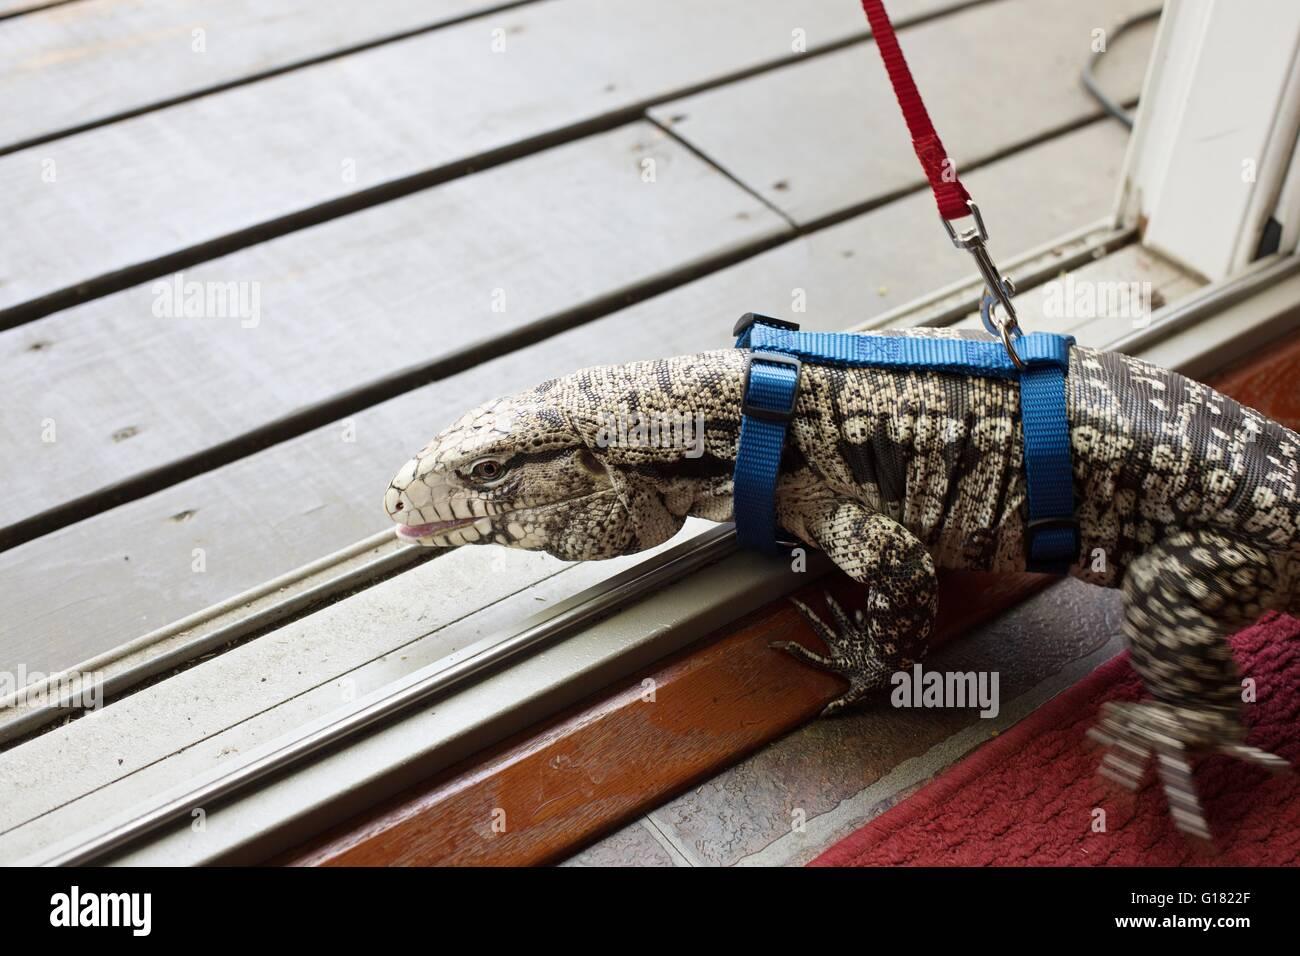 Ein argentinischer schwarz-weiß Teju trägt ein Geschirr und eine Leine im Freien spazieren gehen. Stockbild